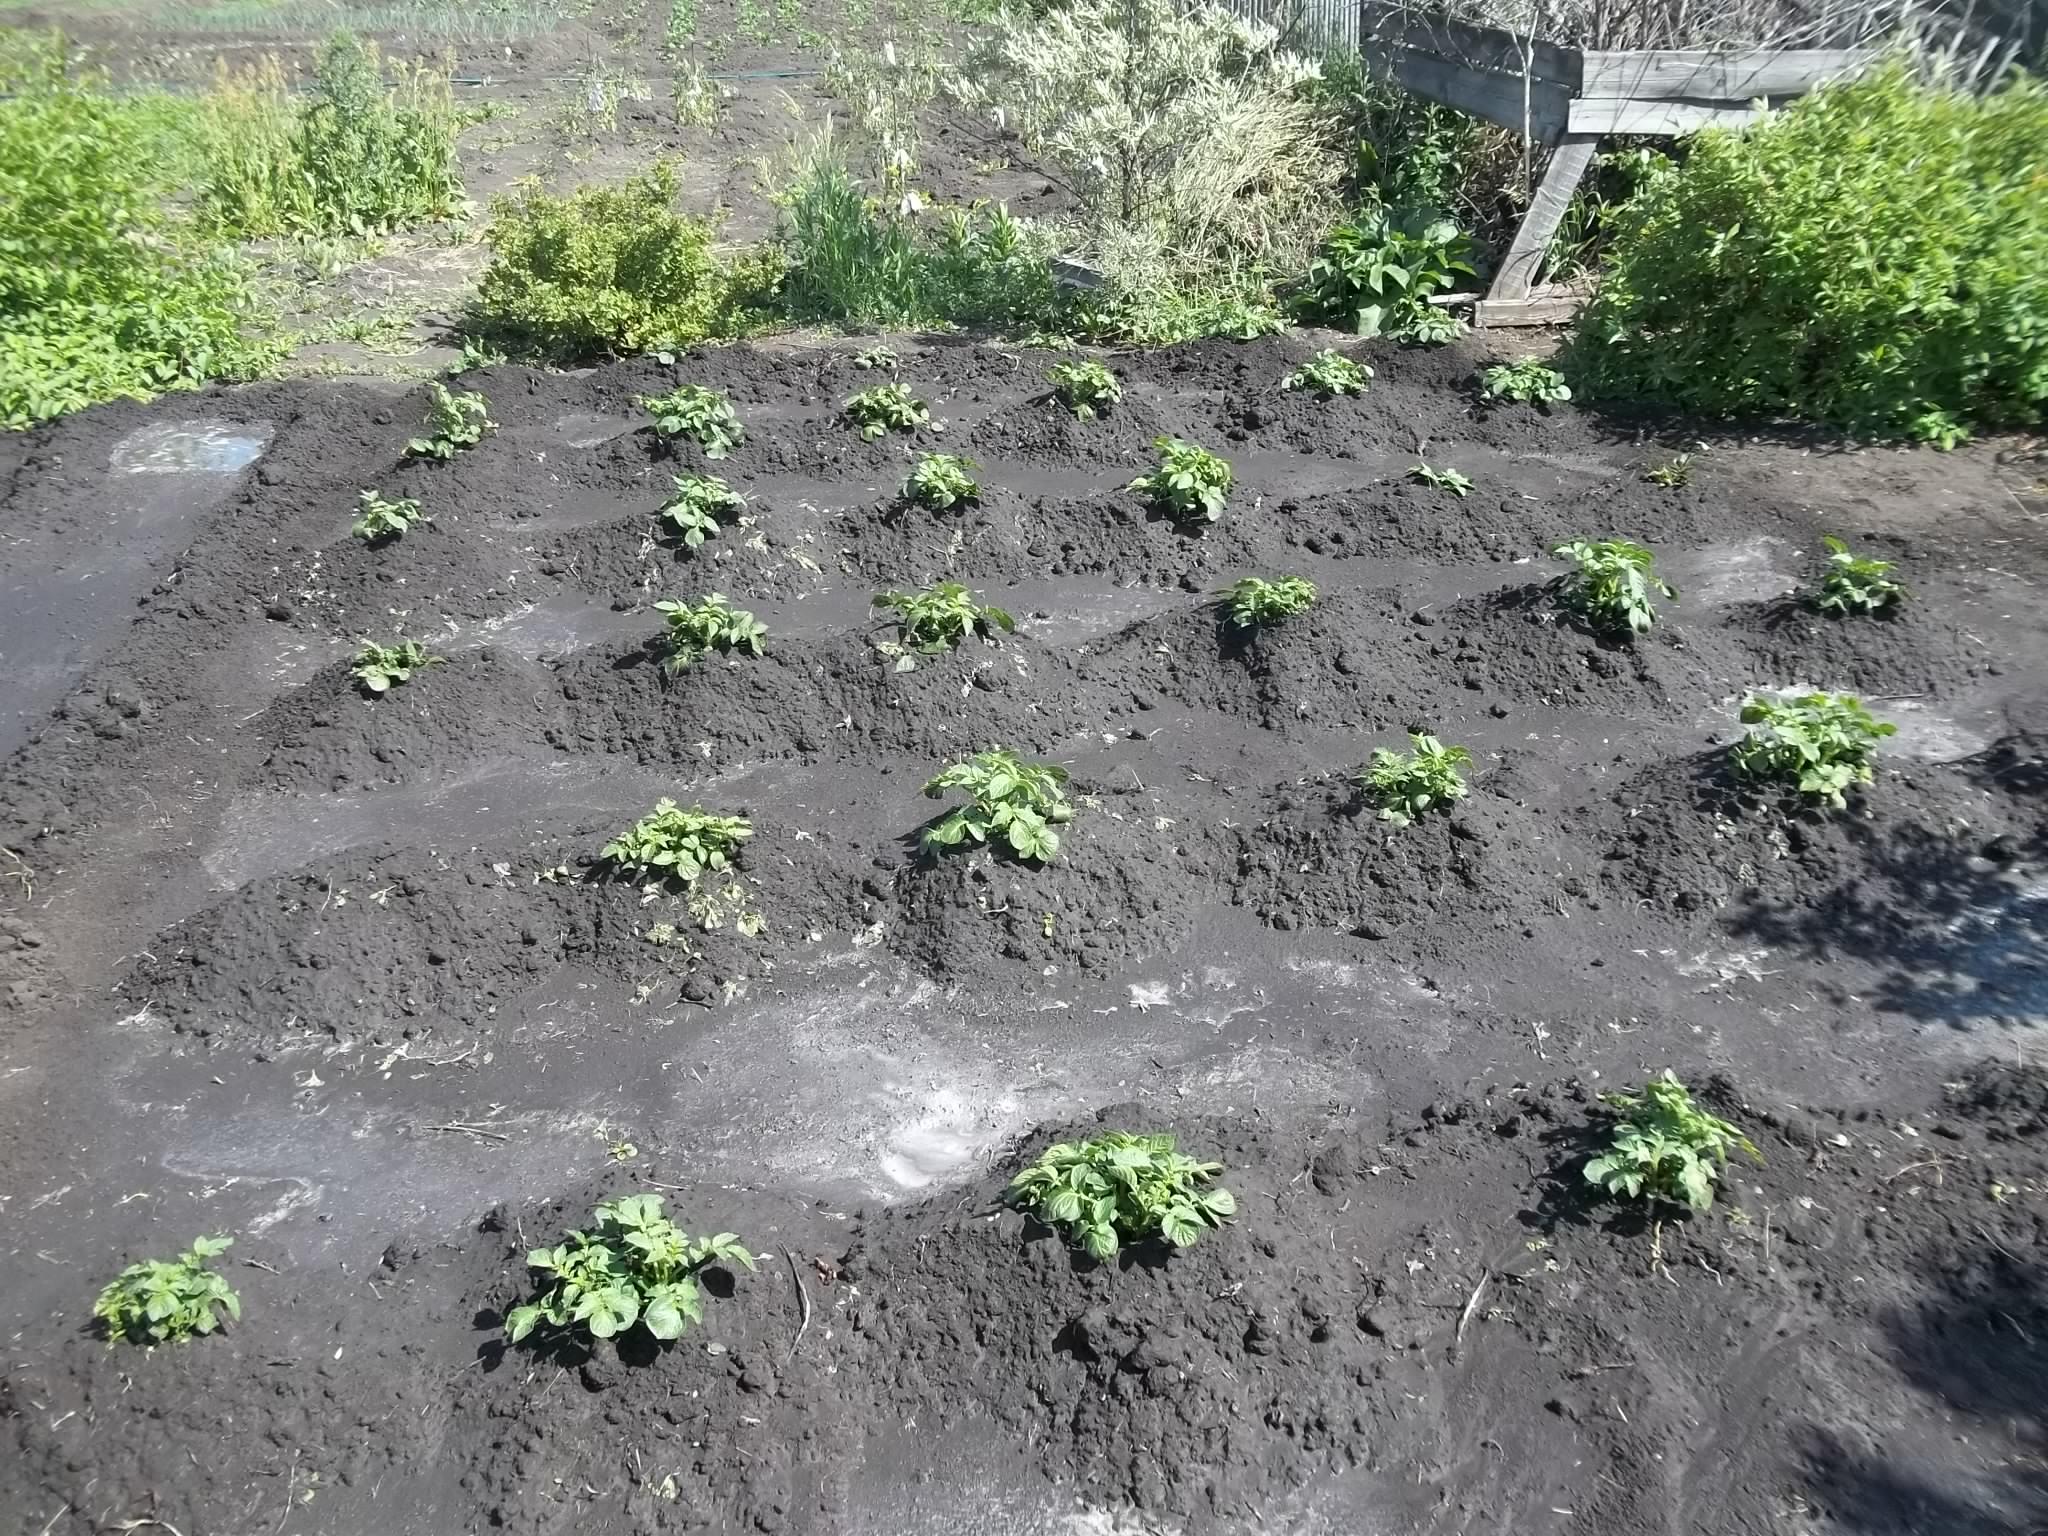 Окучивание картофеля: как и когда окучивать, сроки, правила, основные способы окучивания